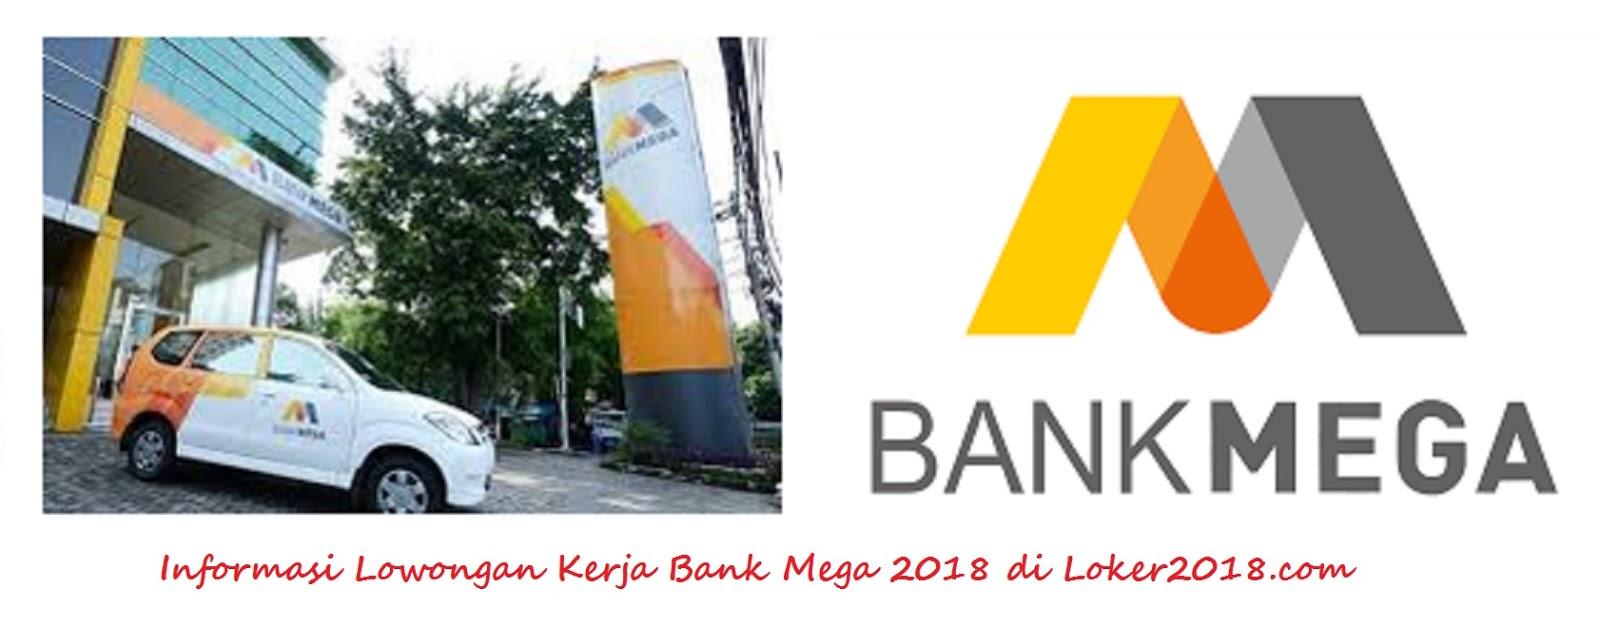 Loker Bank Mega 2018